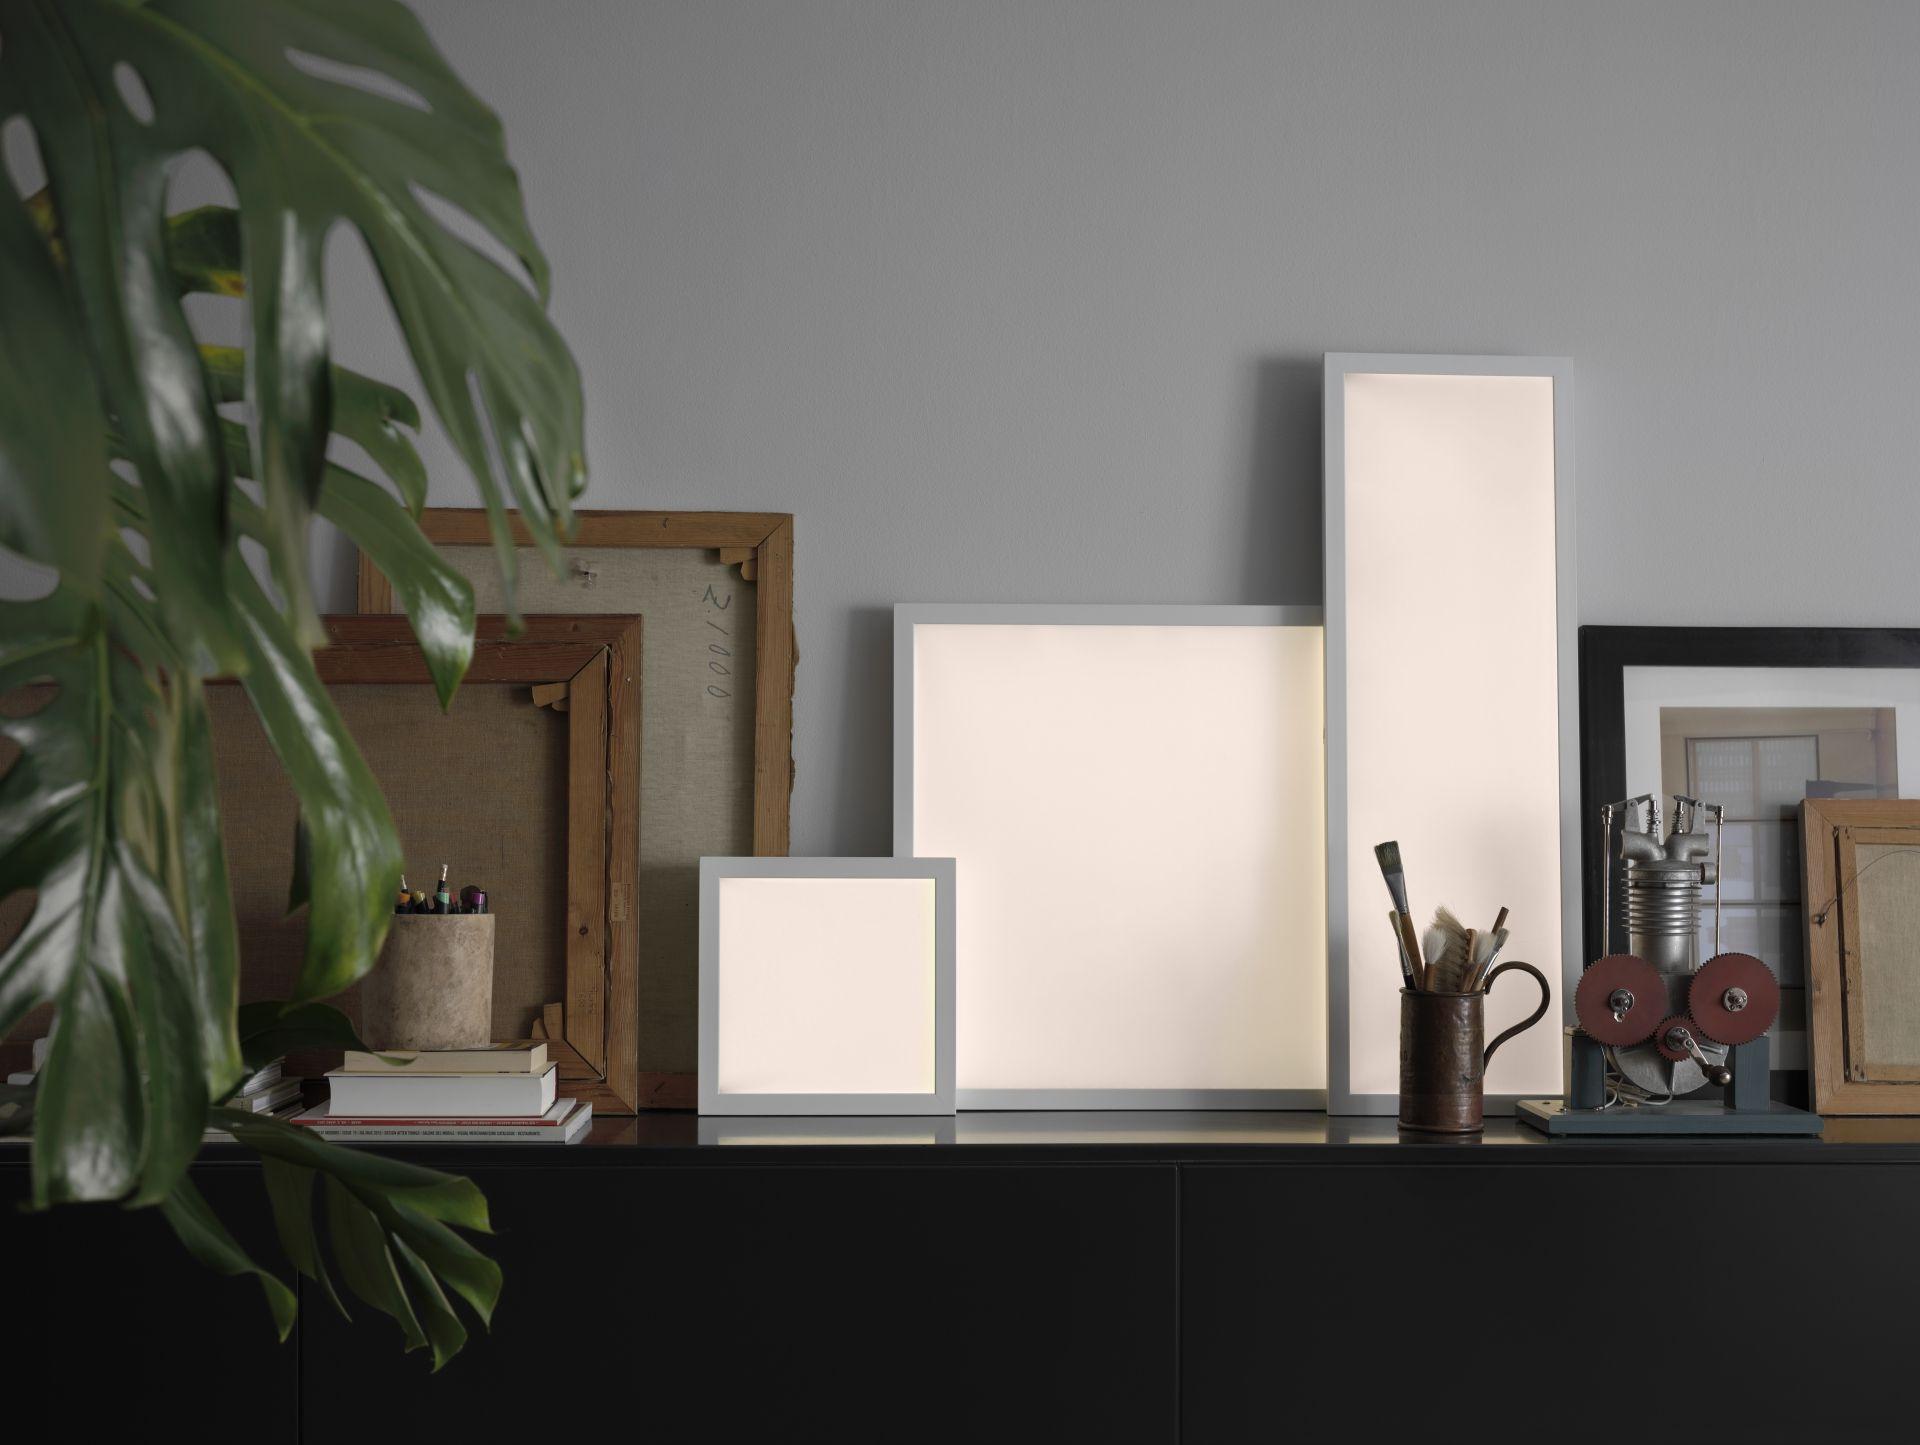 FLOALT Led-lichtpaneel m draadloze sturing, dimbaar, wit spectrum ...